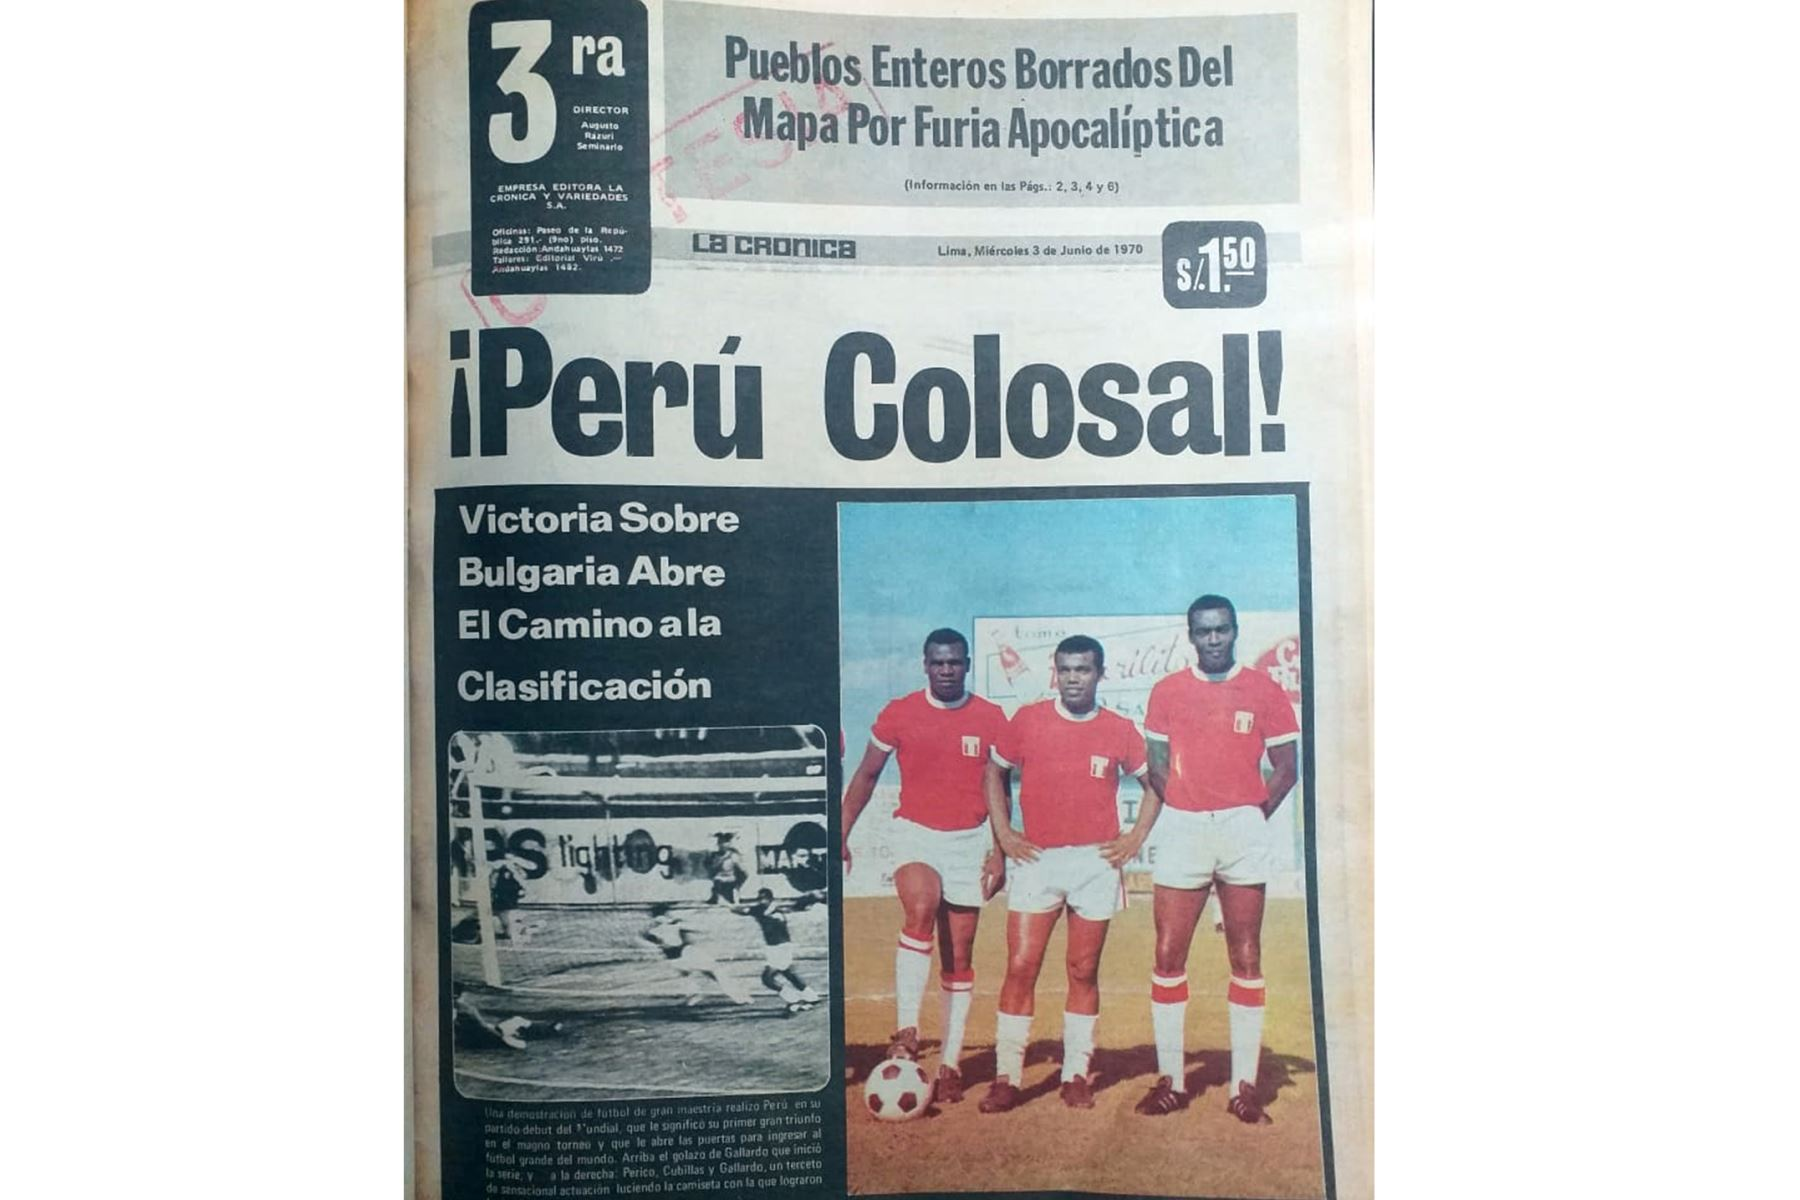 Cobertura del diario La Crónica sobre la actuación de las selección peruana de fútbol en el Mundial México 70.  Foto: Archivo Histórico de El Peruano